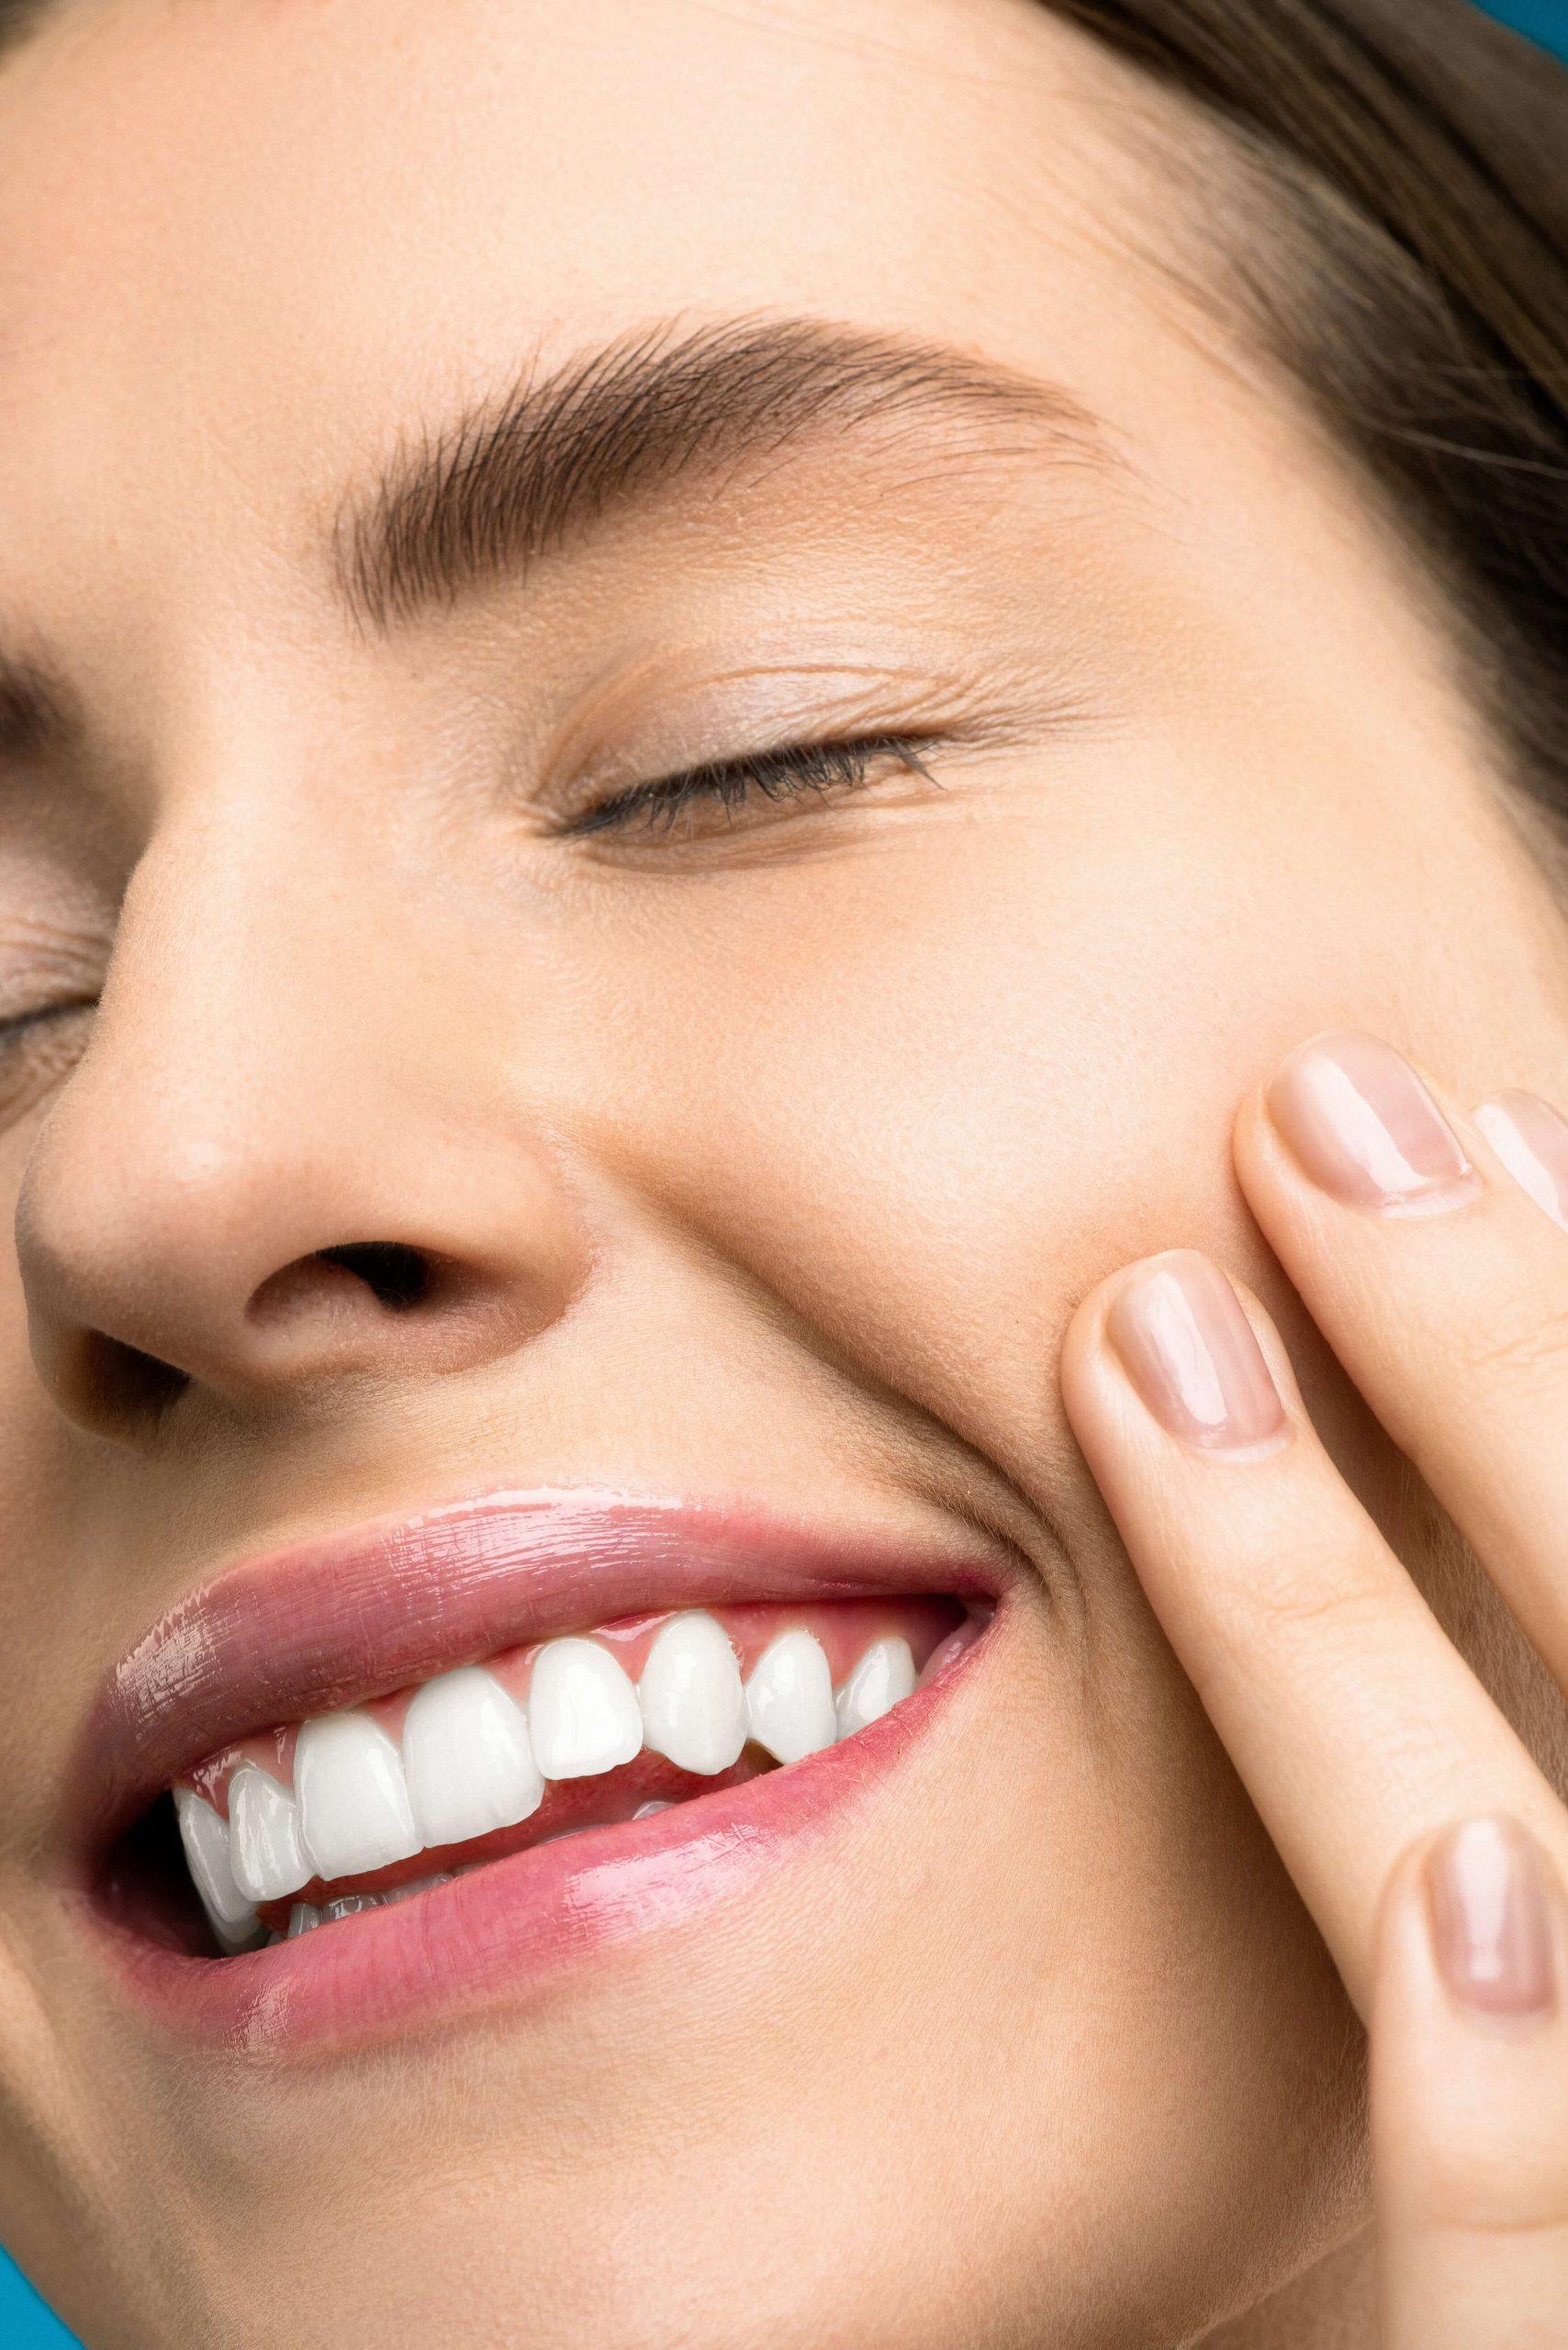 ציפוי חרסינה לשיניים בטורקיה